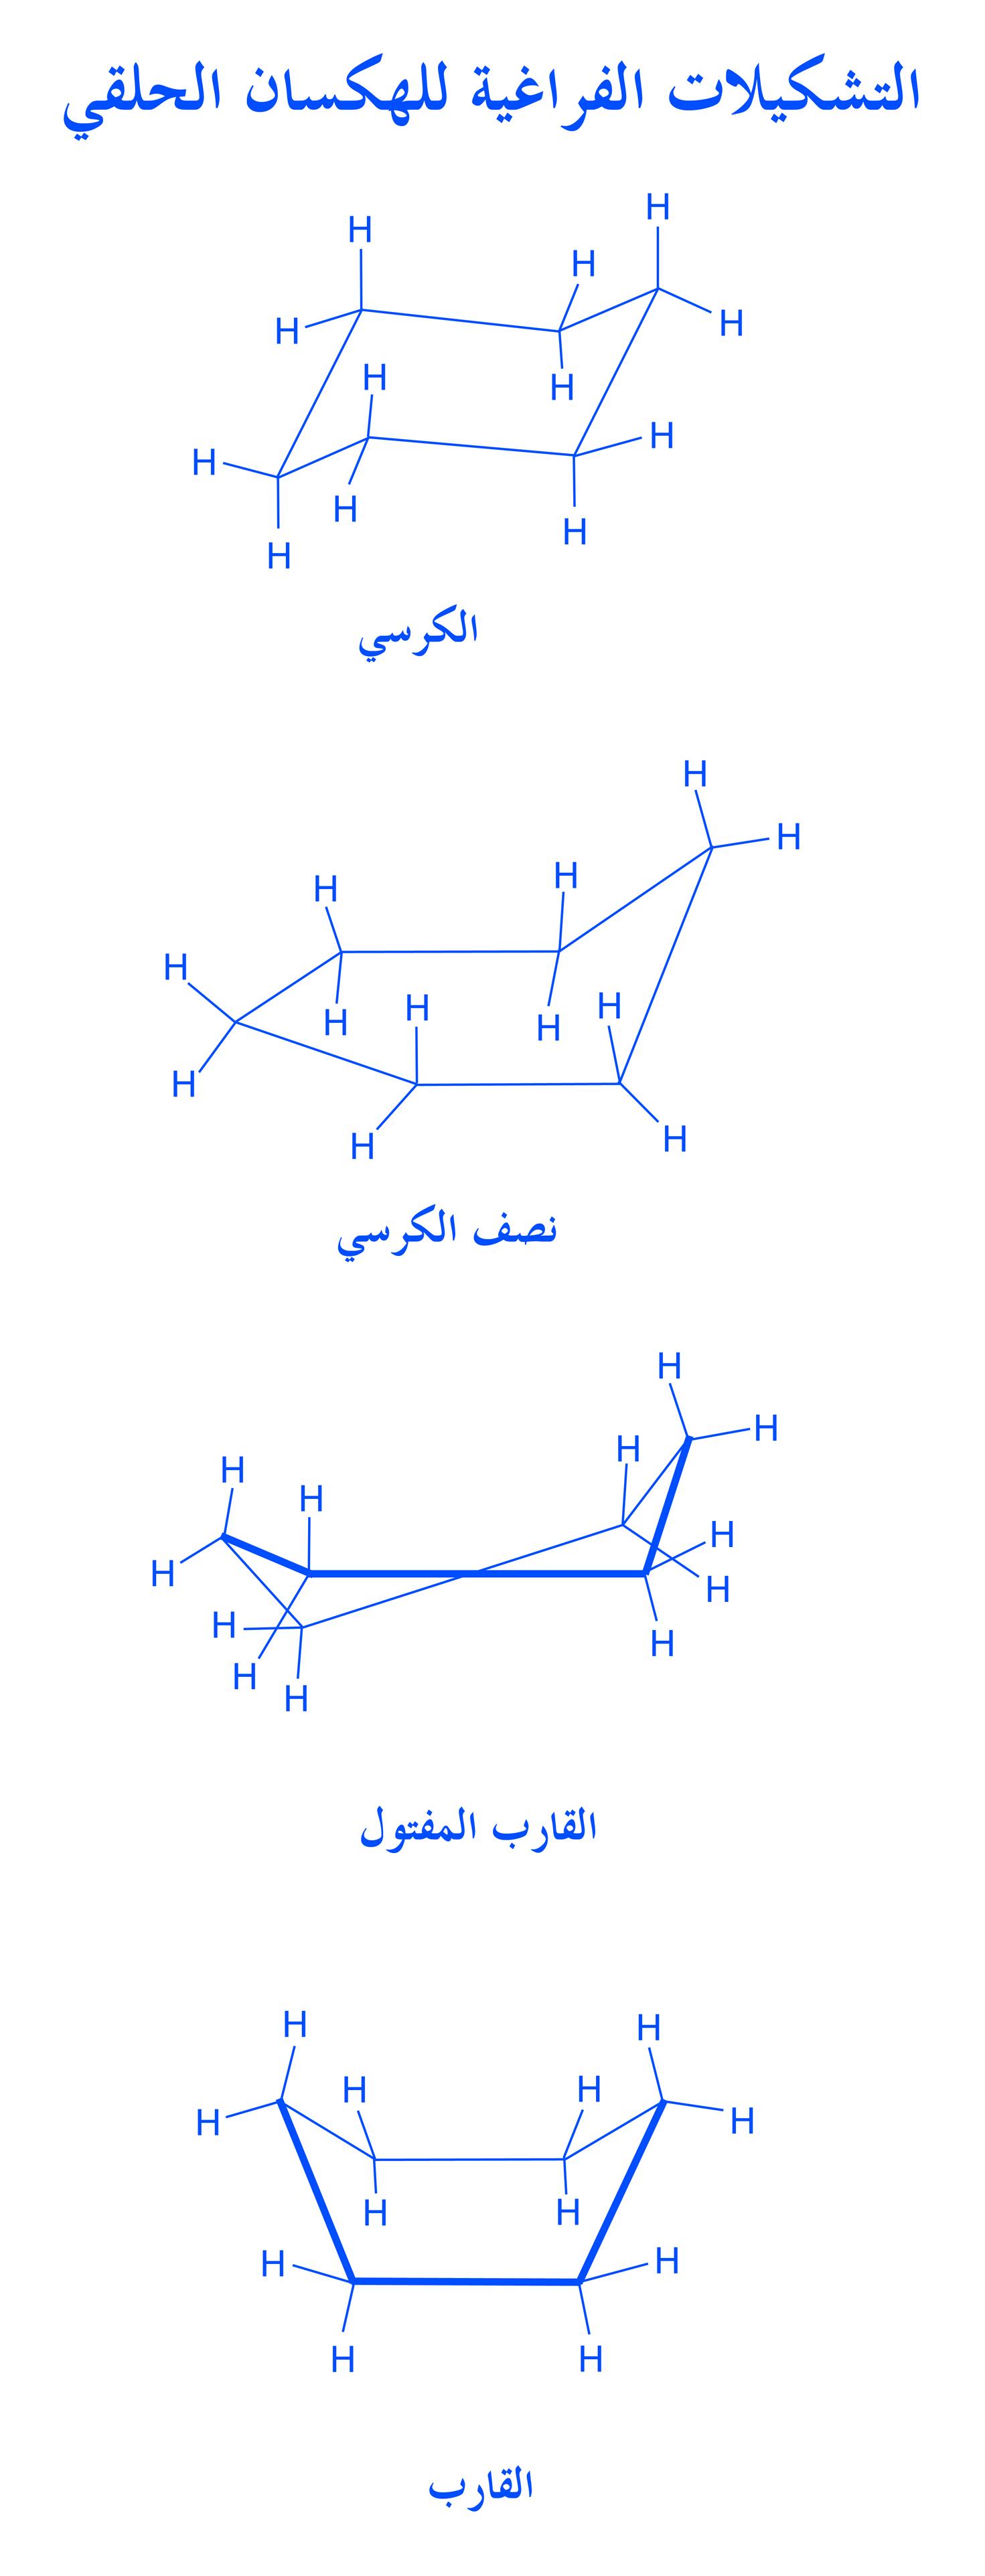 أشكال فراغية في الكيمياء العضوية Conformation in organic chemistry